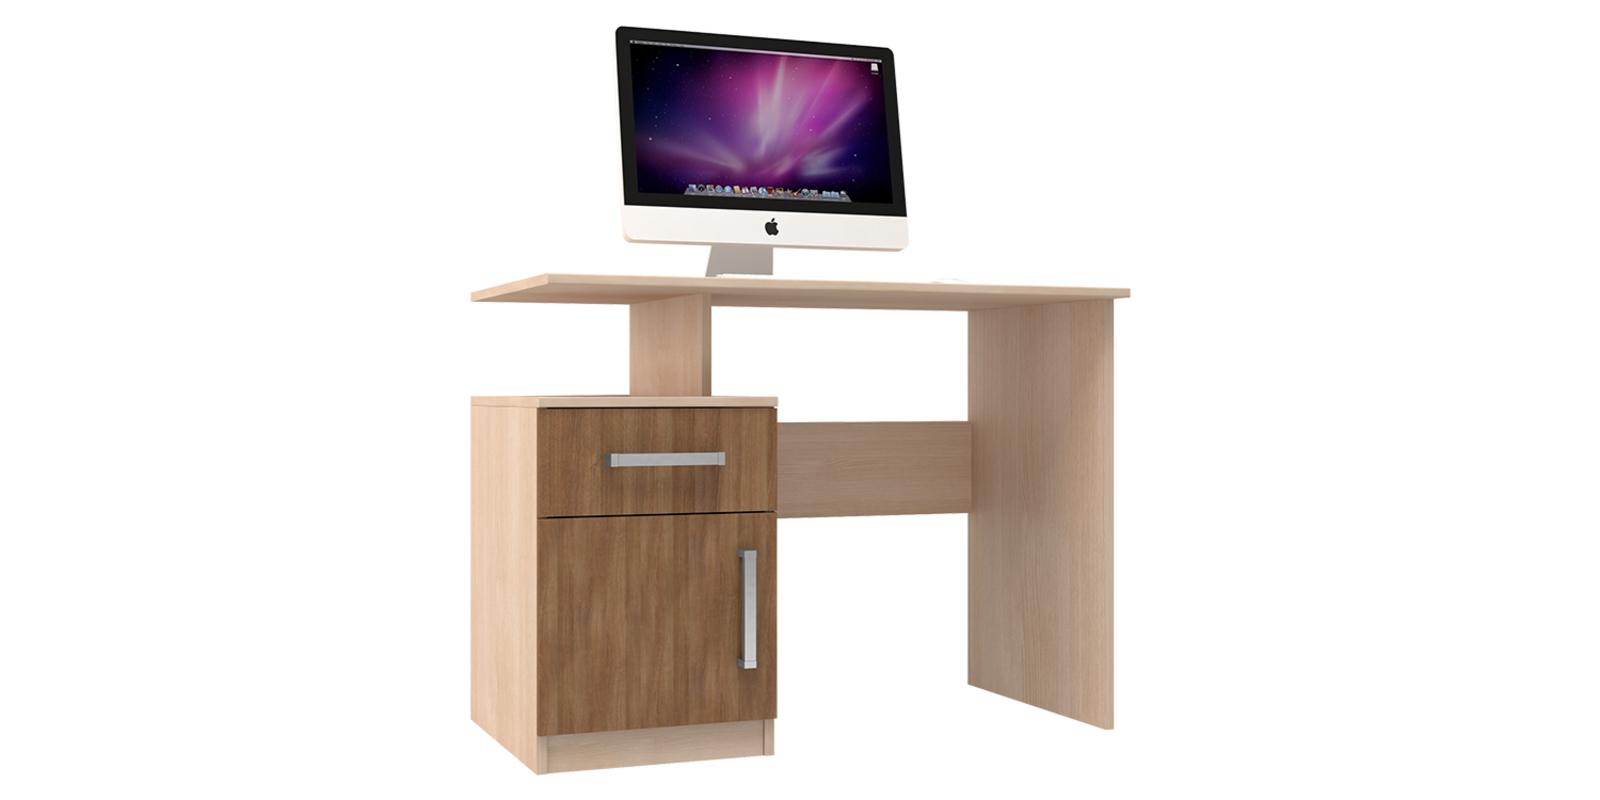 Стол для компьютера HomeMe Лакки от Homeme.ru